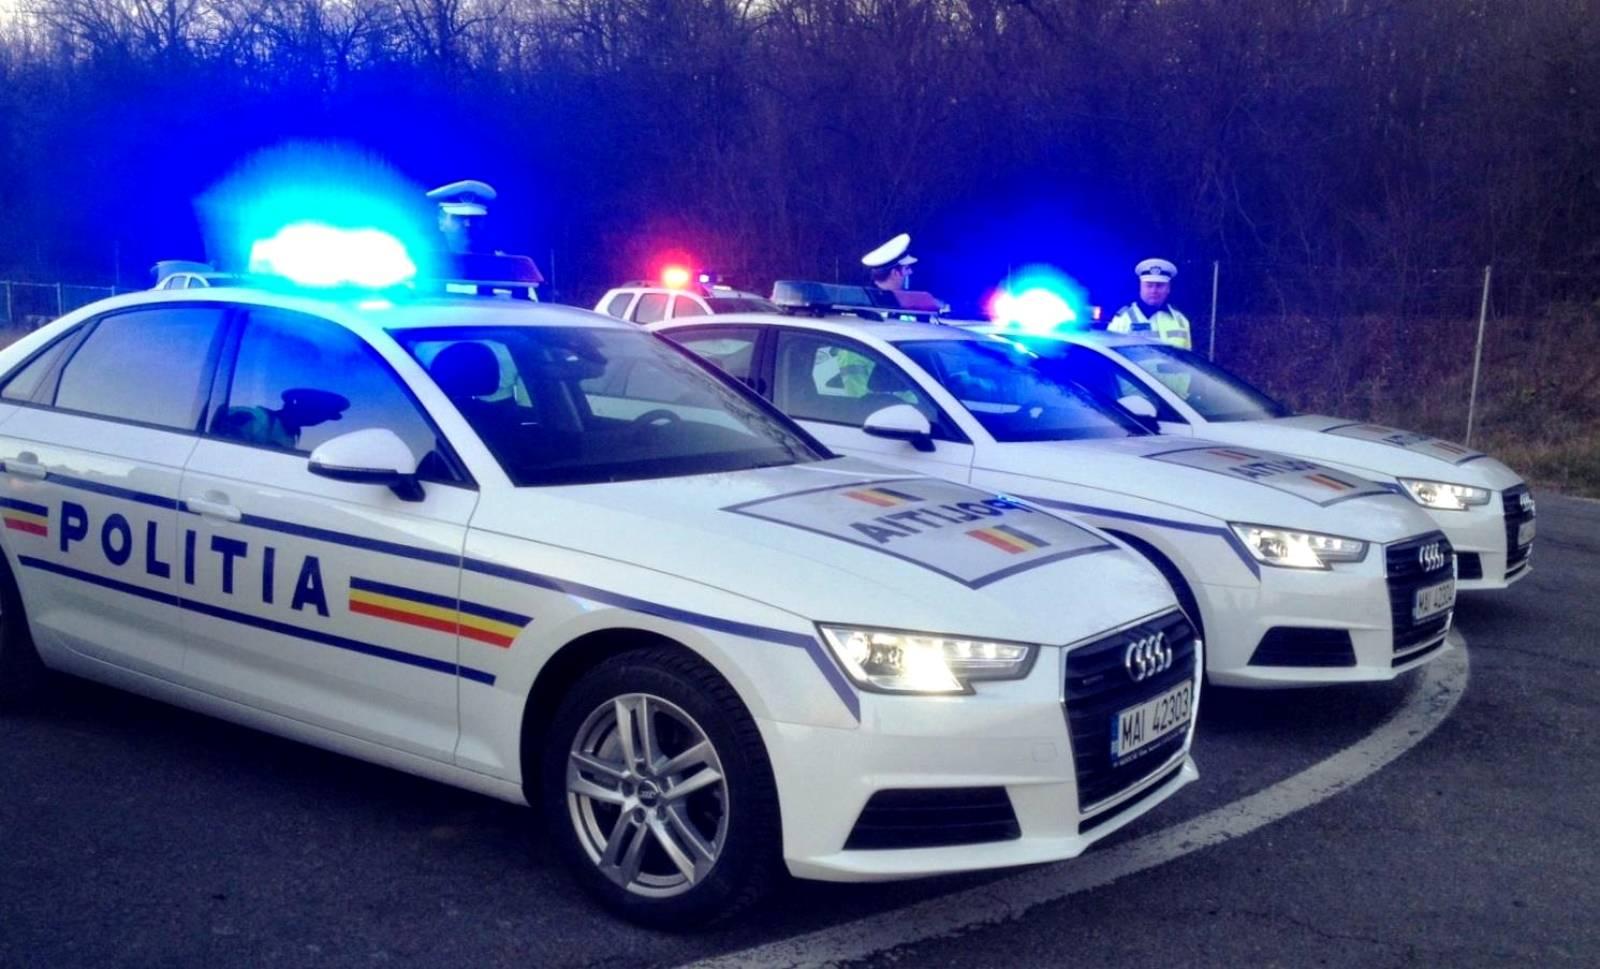 Politia Romana tren gara